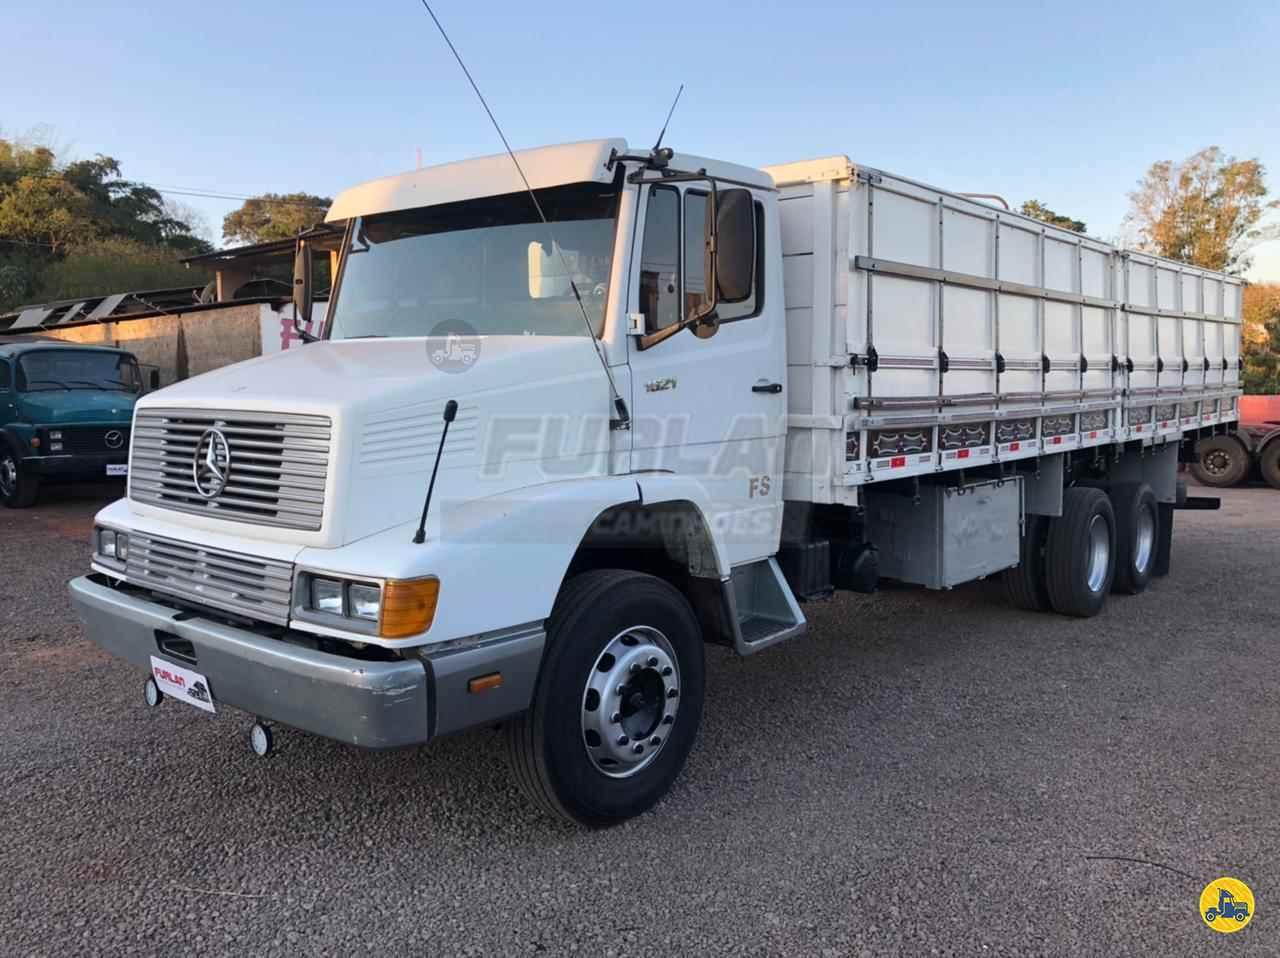 CAMINHAO MERCEDES-BENZ MB 1621 Graneleiro Truck 6x2 Furlan Caminhões UMUARAMA PARANÁ PR